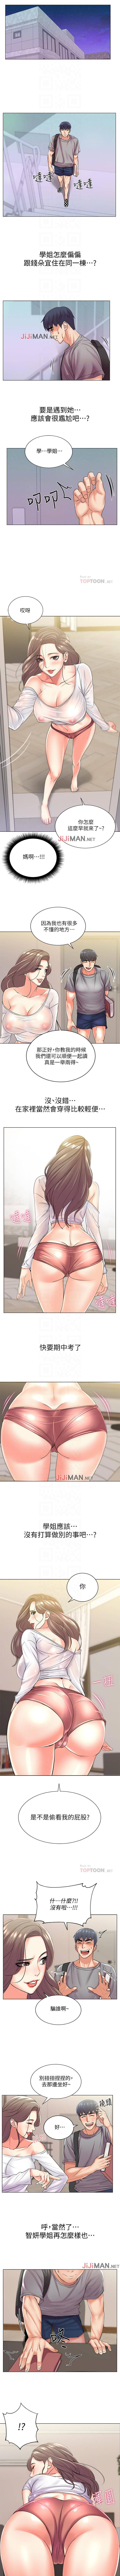 【周三连载】超市的漂亮姐姐(作者:北鼻&逃兵) 第1~20话 103